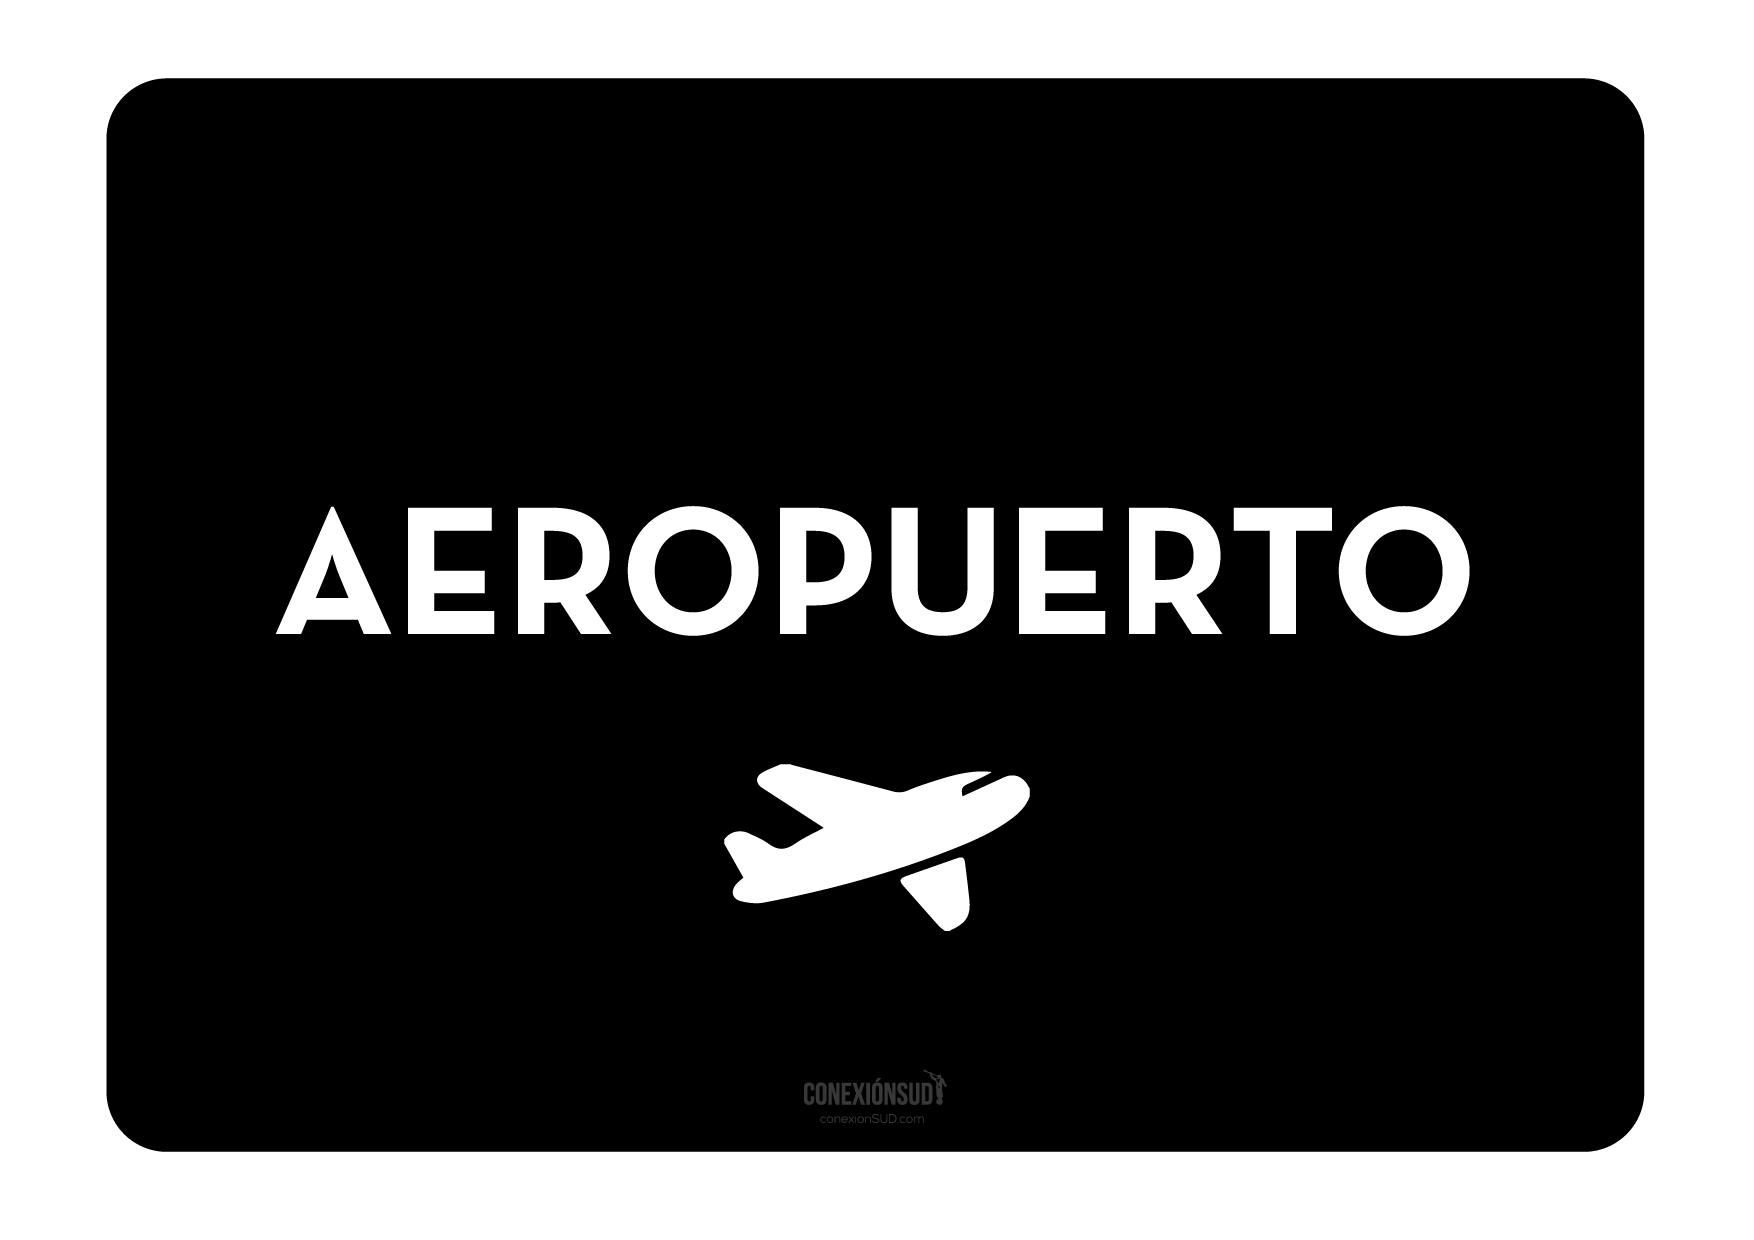 misionero por un dia - aeropuerto_ConexionSUD-04